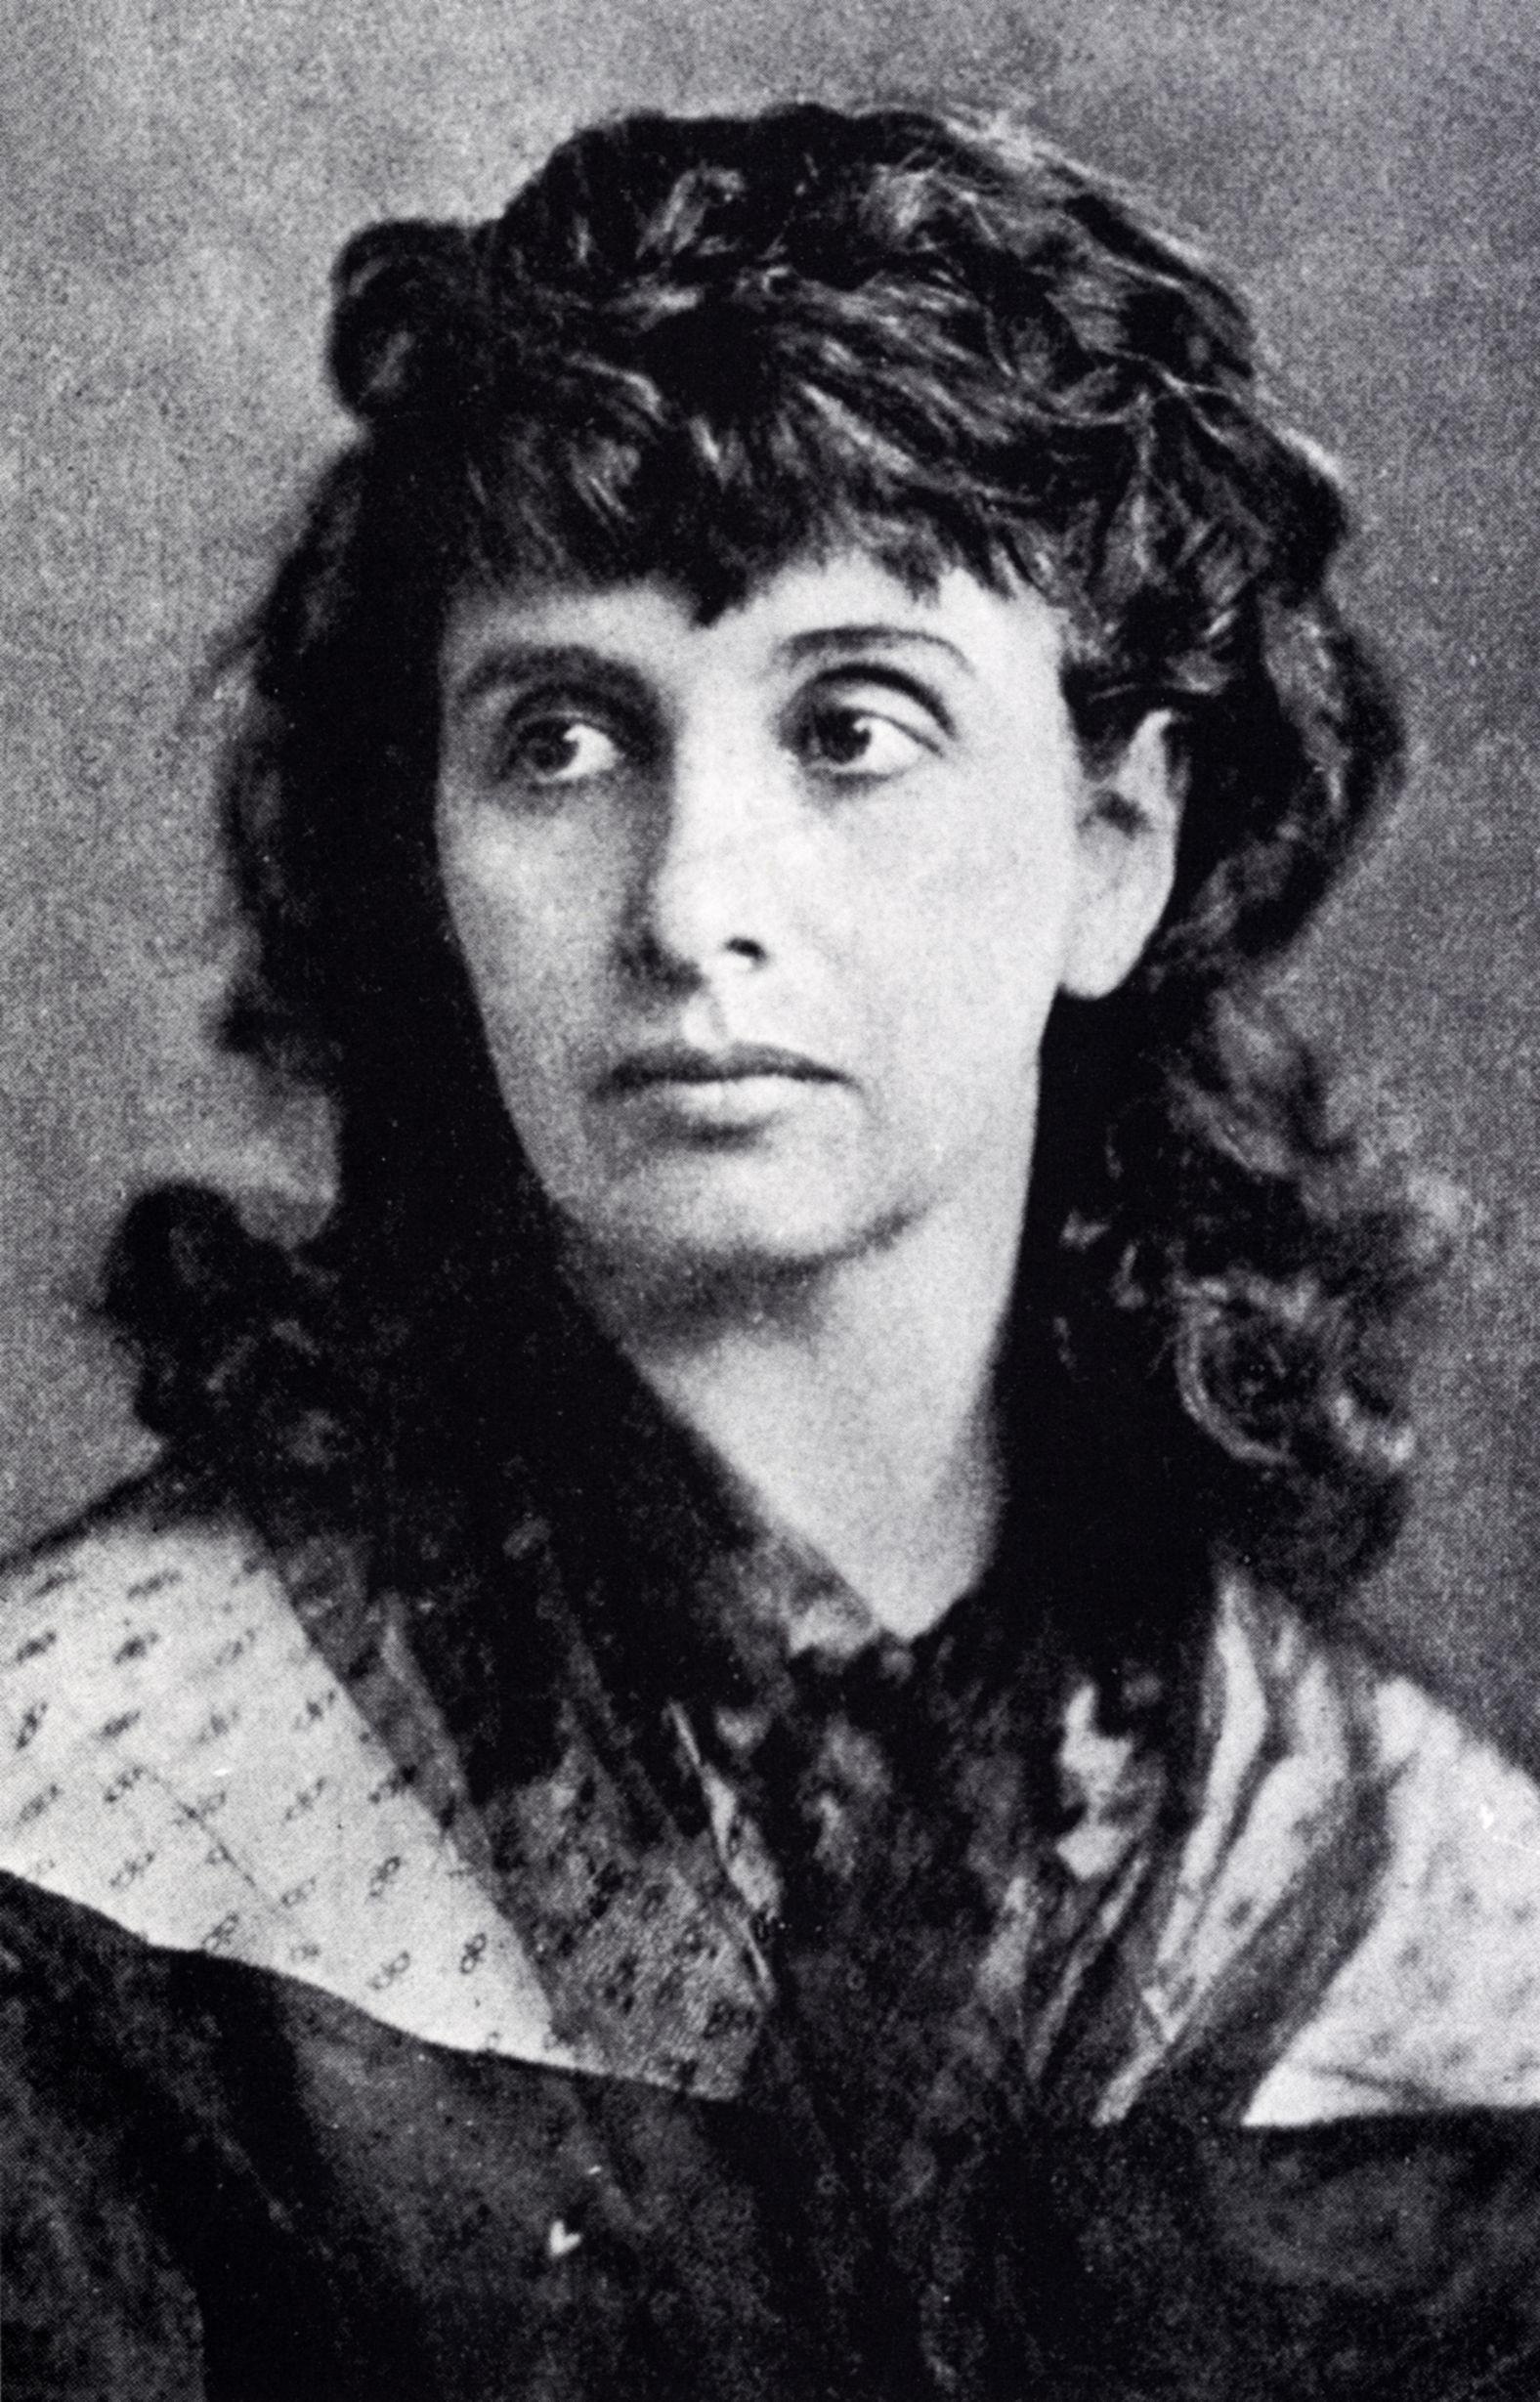 <b>Hedwig Dohm</b> (Fotografie, um 1870) - dohmhpor